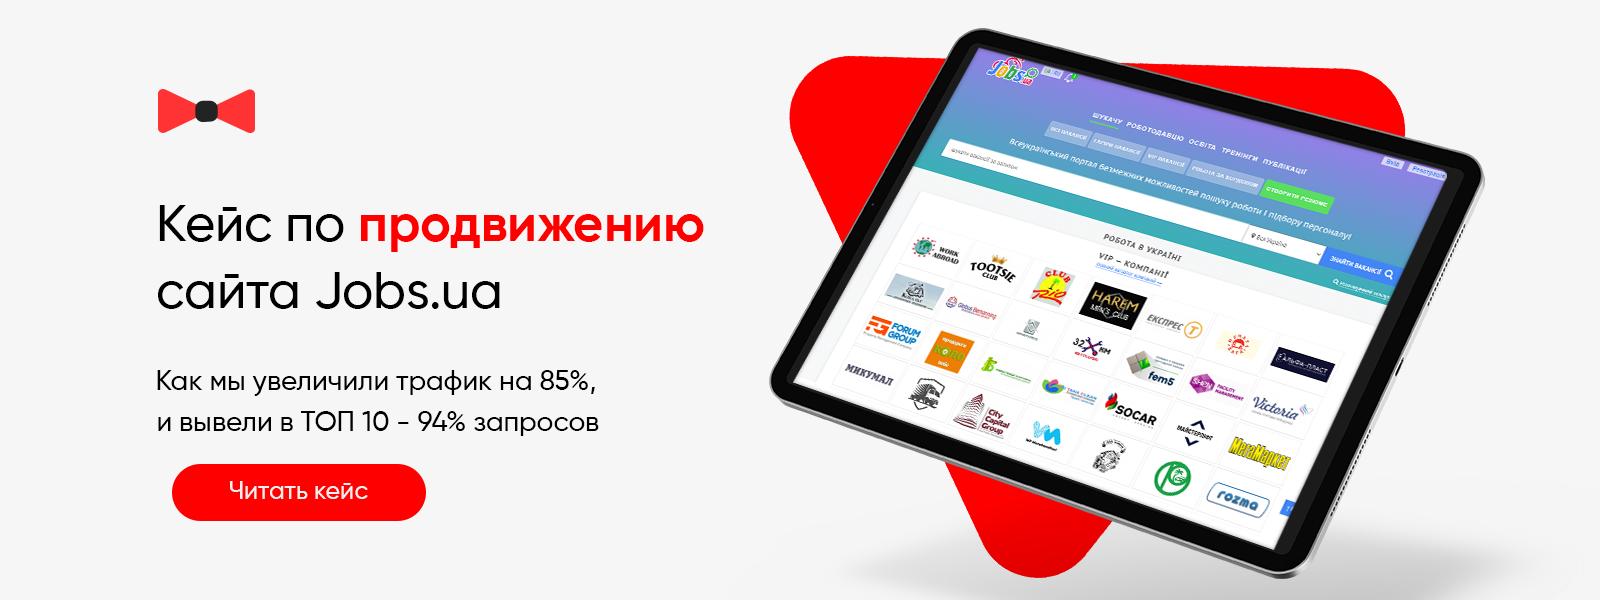 Кейс по продвижению сайта поиска работы в Украине